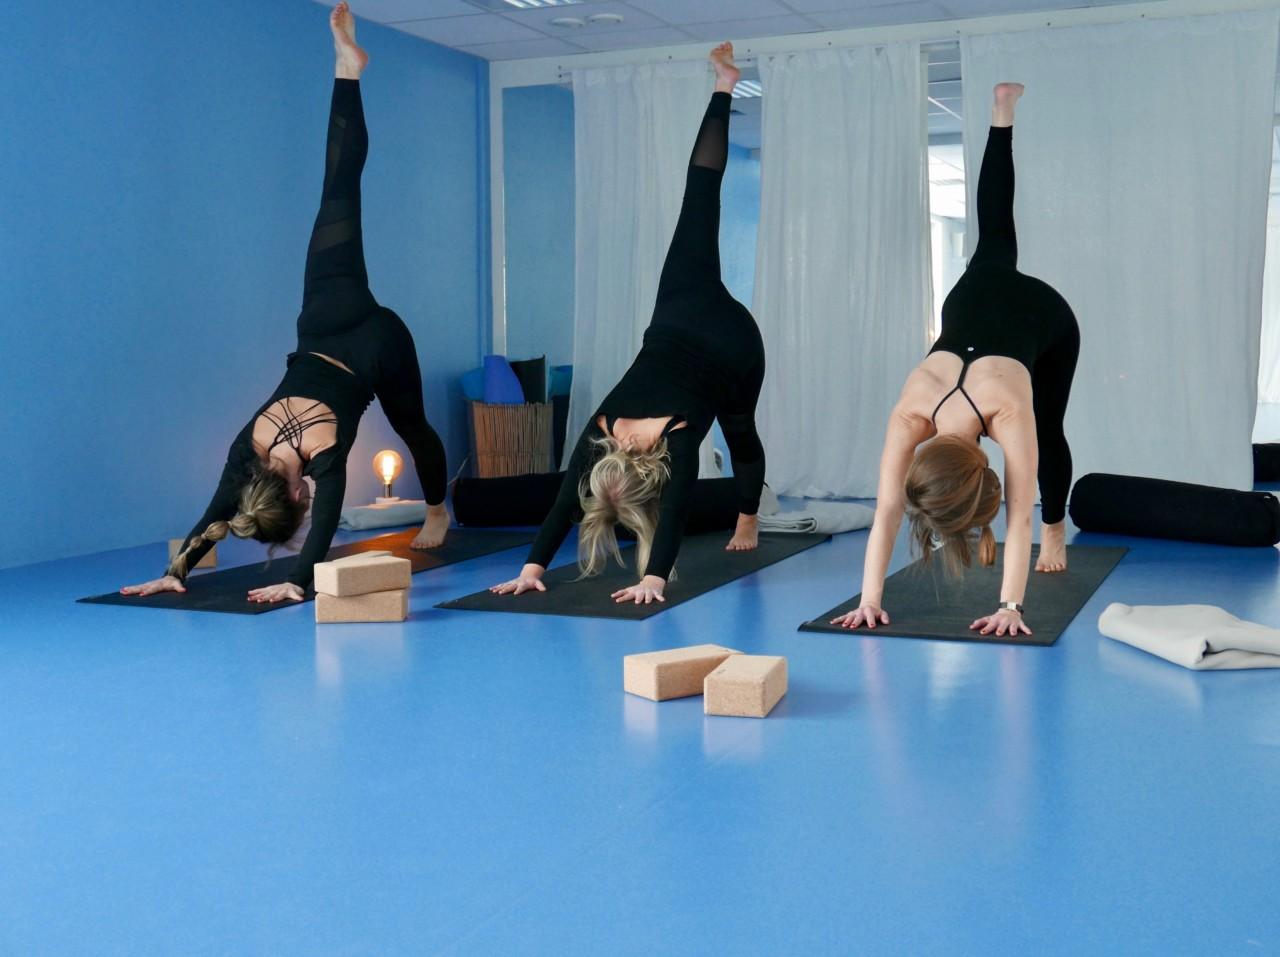 dans-yoga-flyt-studio-nesodden-anja-stang